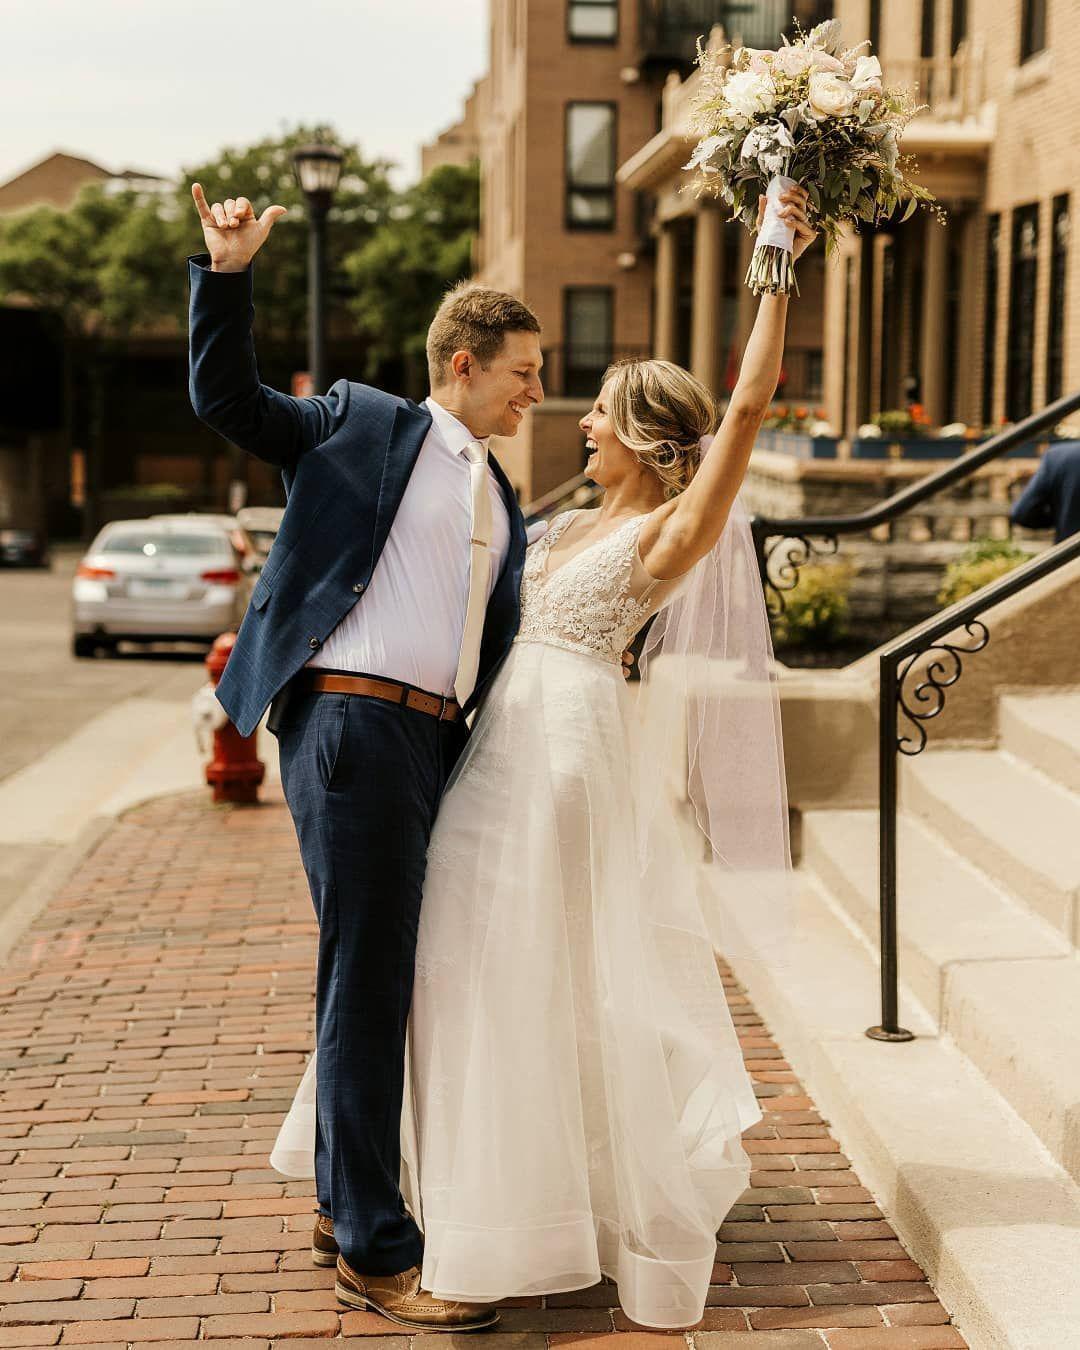 Wedding Shoppe Inc Bride In 2020 Wedding Dresses Dreamy Wedding Dress Bride